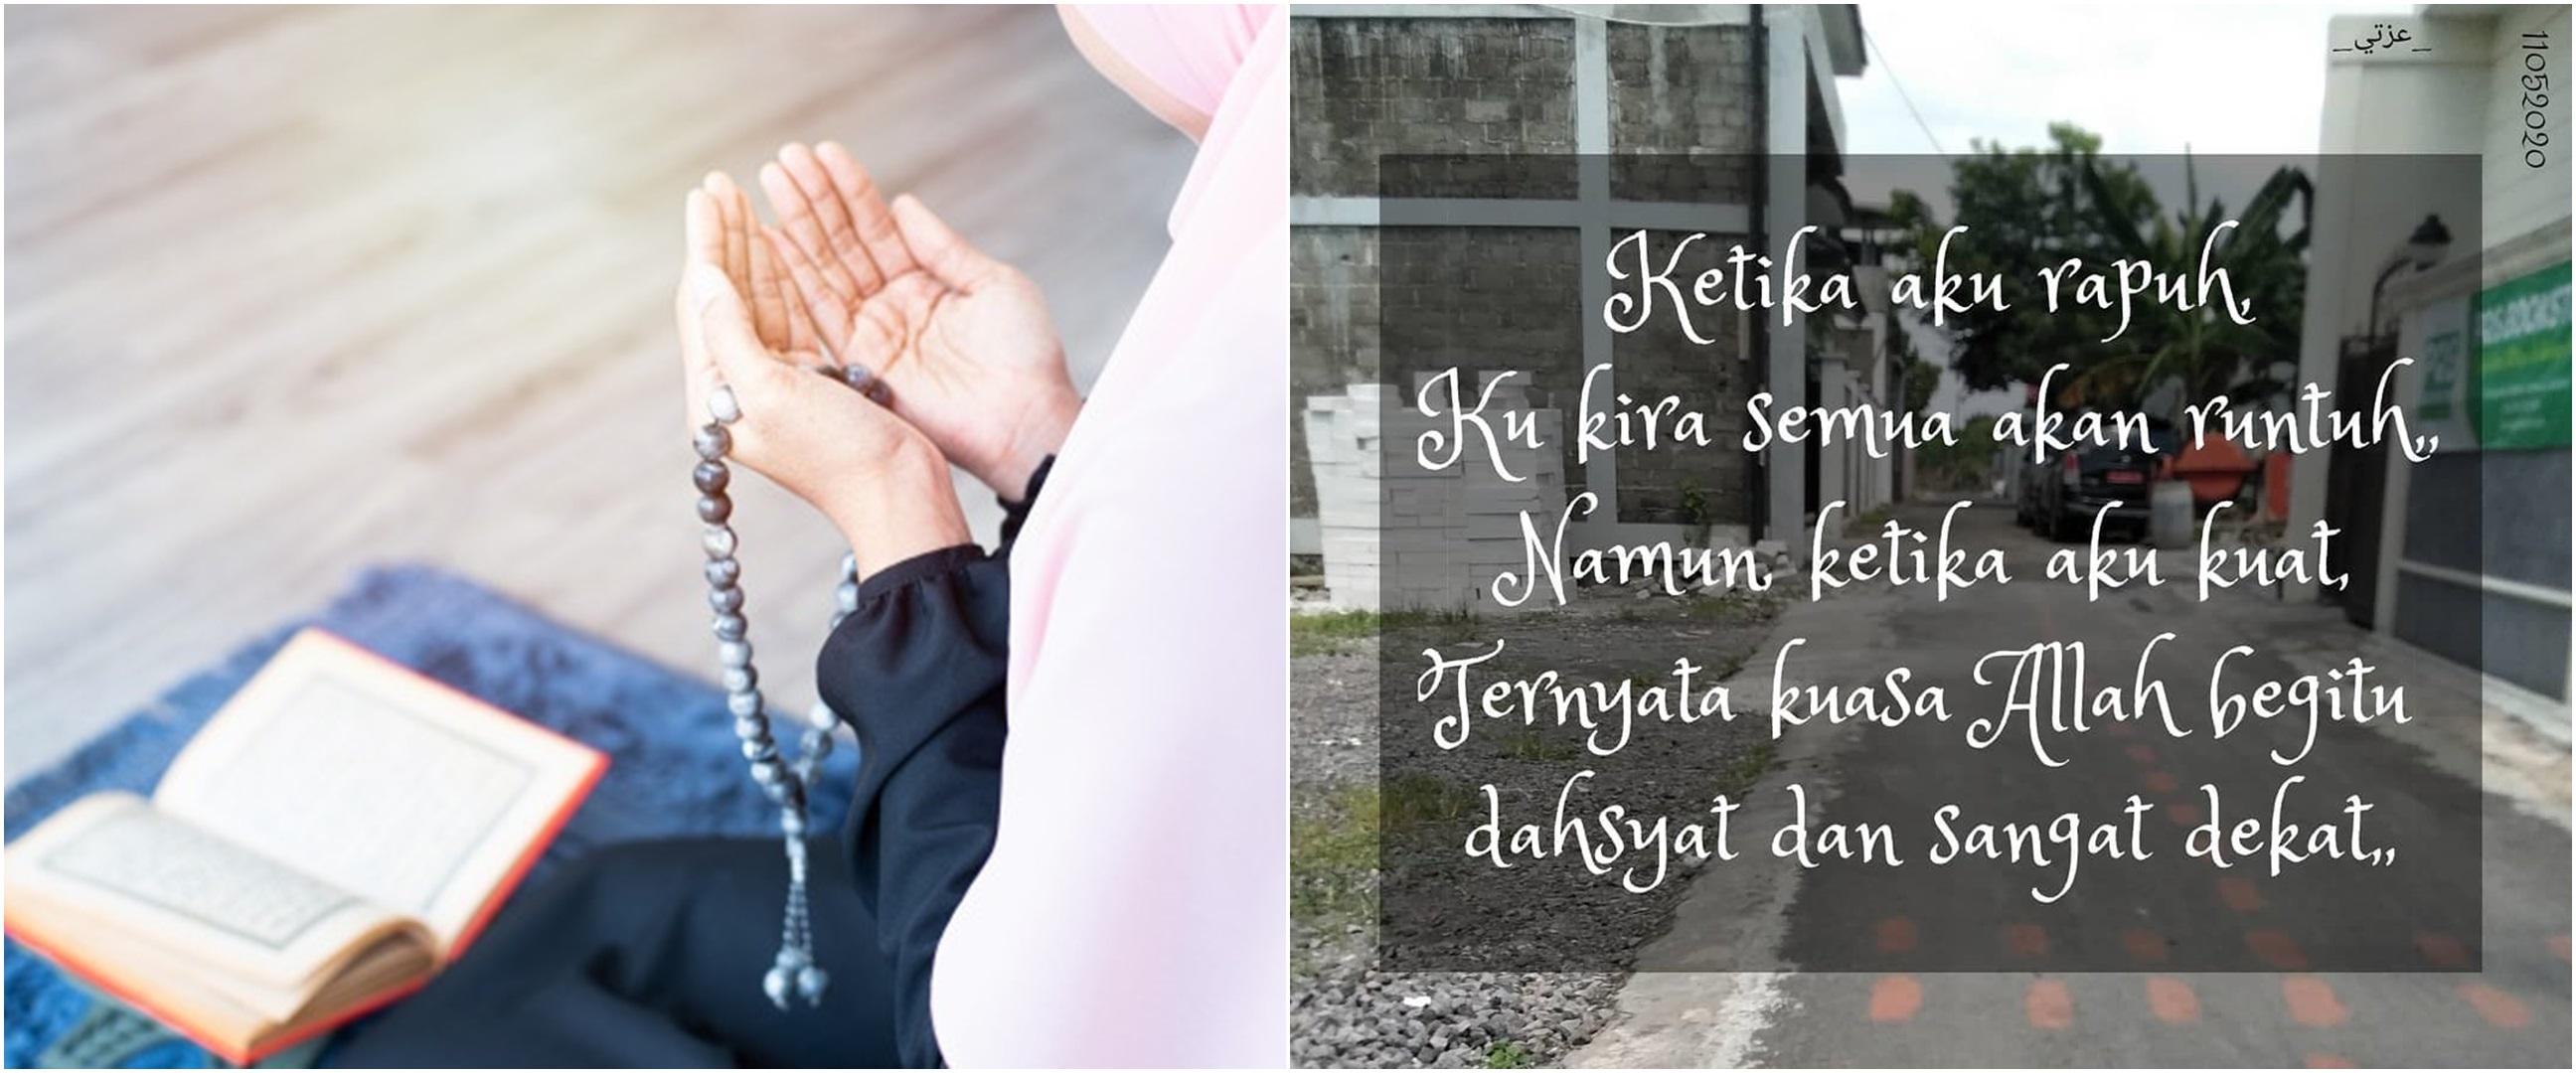 45 Kata-kata mutiara Islami berserah diri, terbaik dan penuh makna